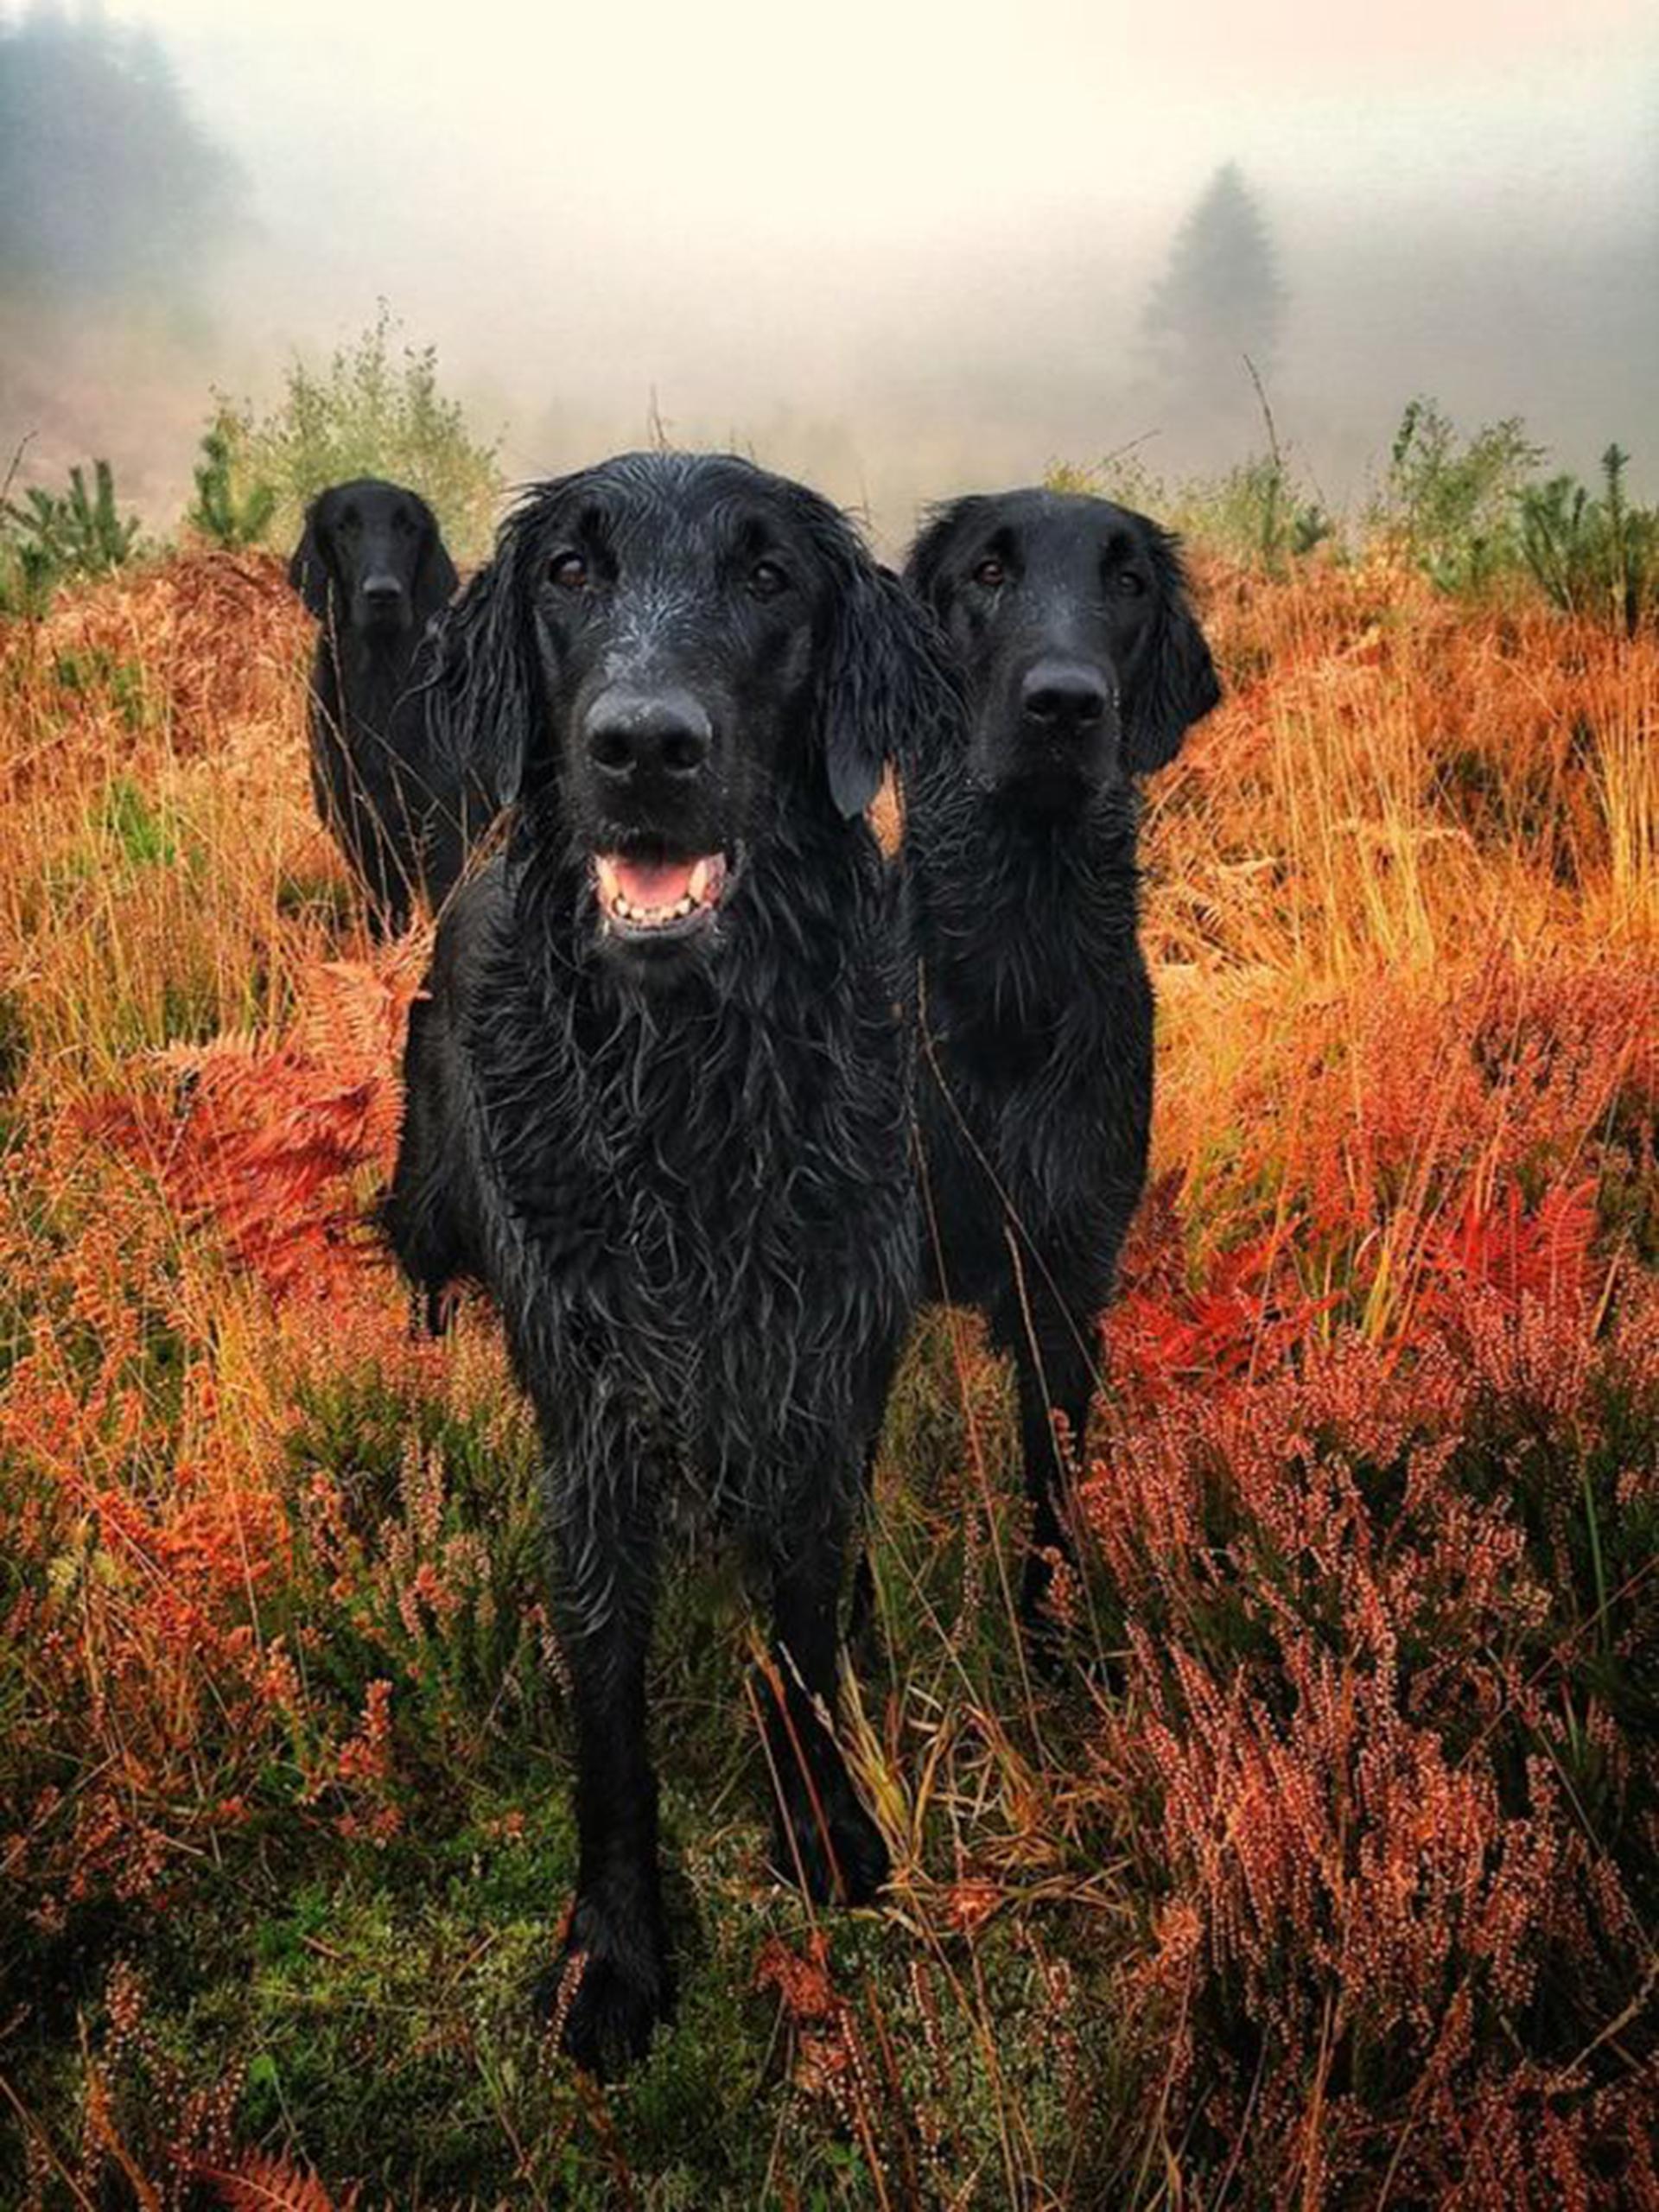 """Esta fotografía obtuvo el primer premio de """"fotografía de retrato"""". El prestigioso club que todos los años reconoce a los fotógrafos lleva 13 años destancando los mejores retratos y situaciones que viven a diario los caninos (Carol Durrant)"""